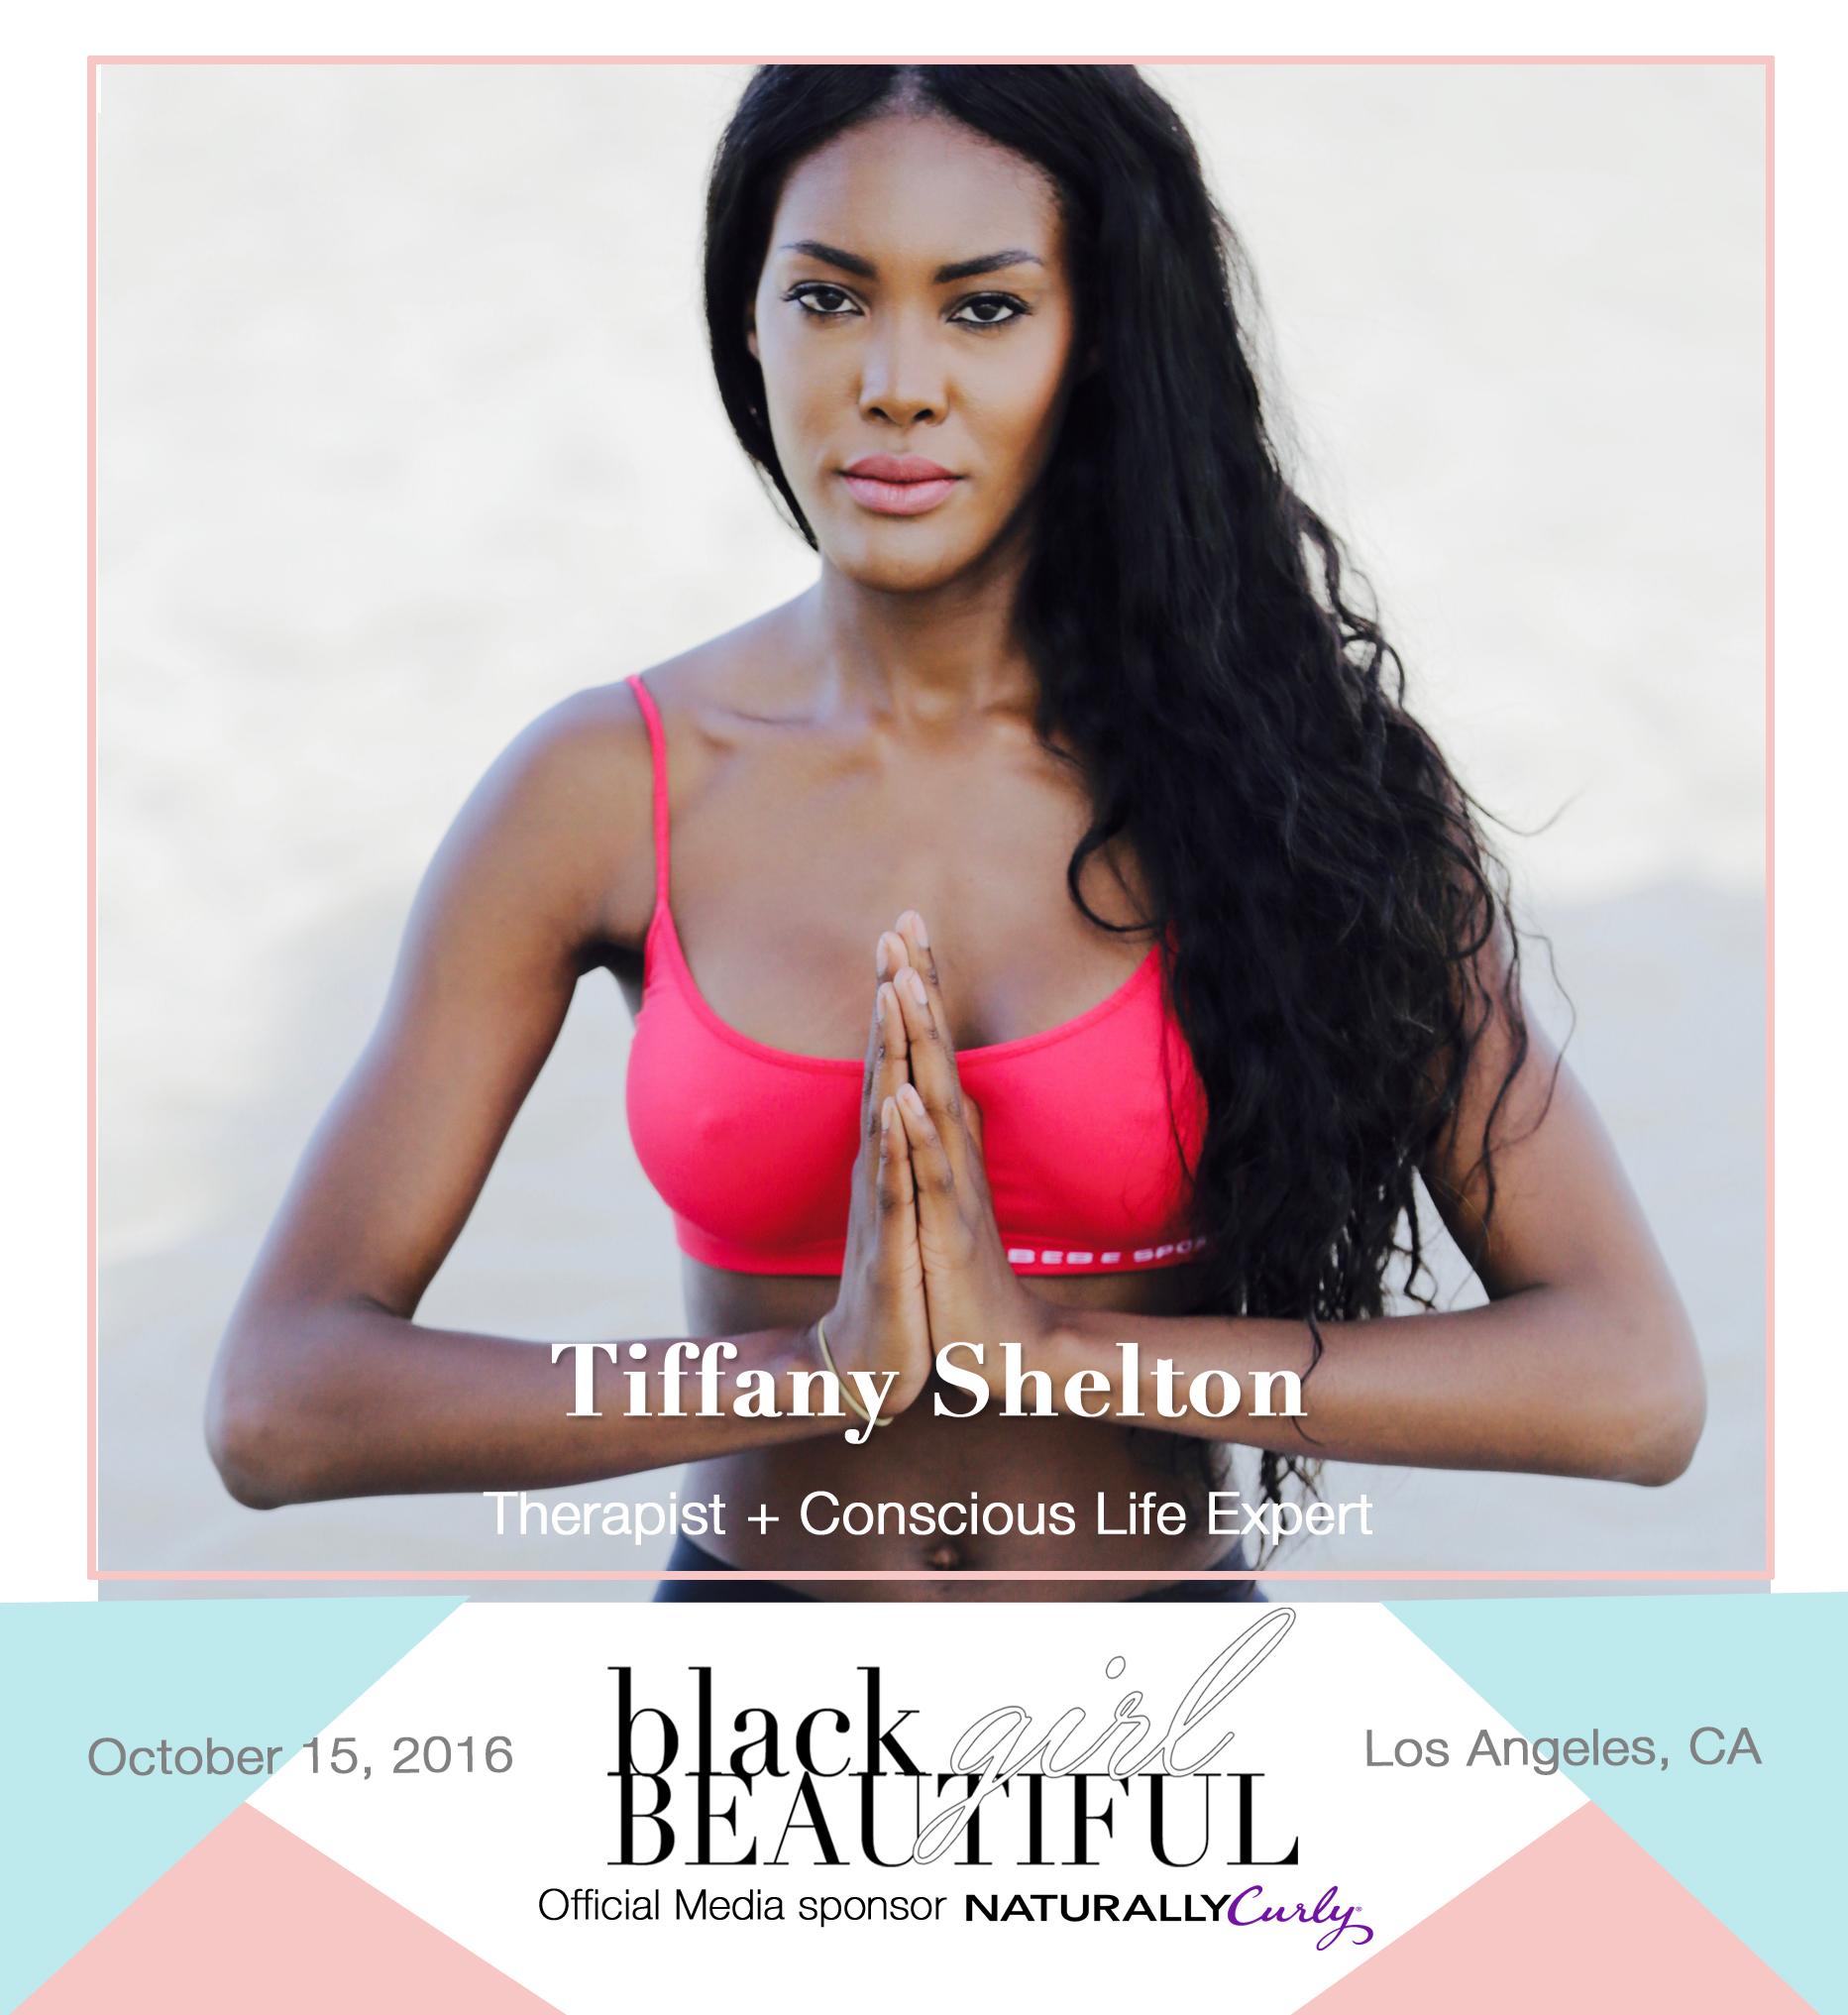 Tiffany Shelton black girl beautiful